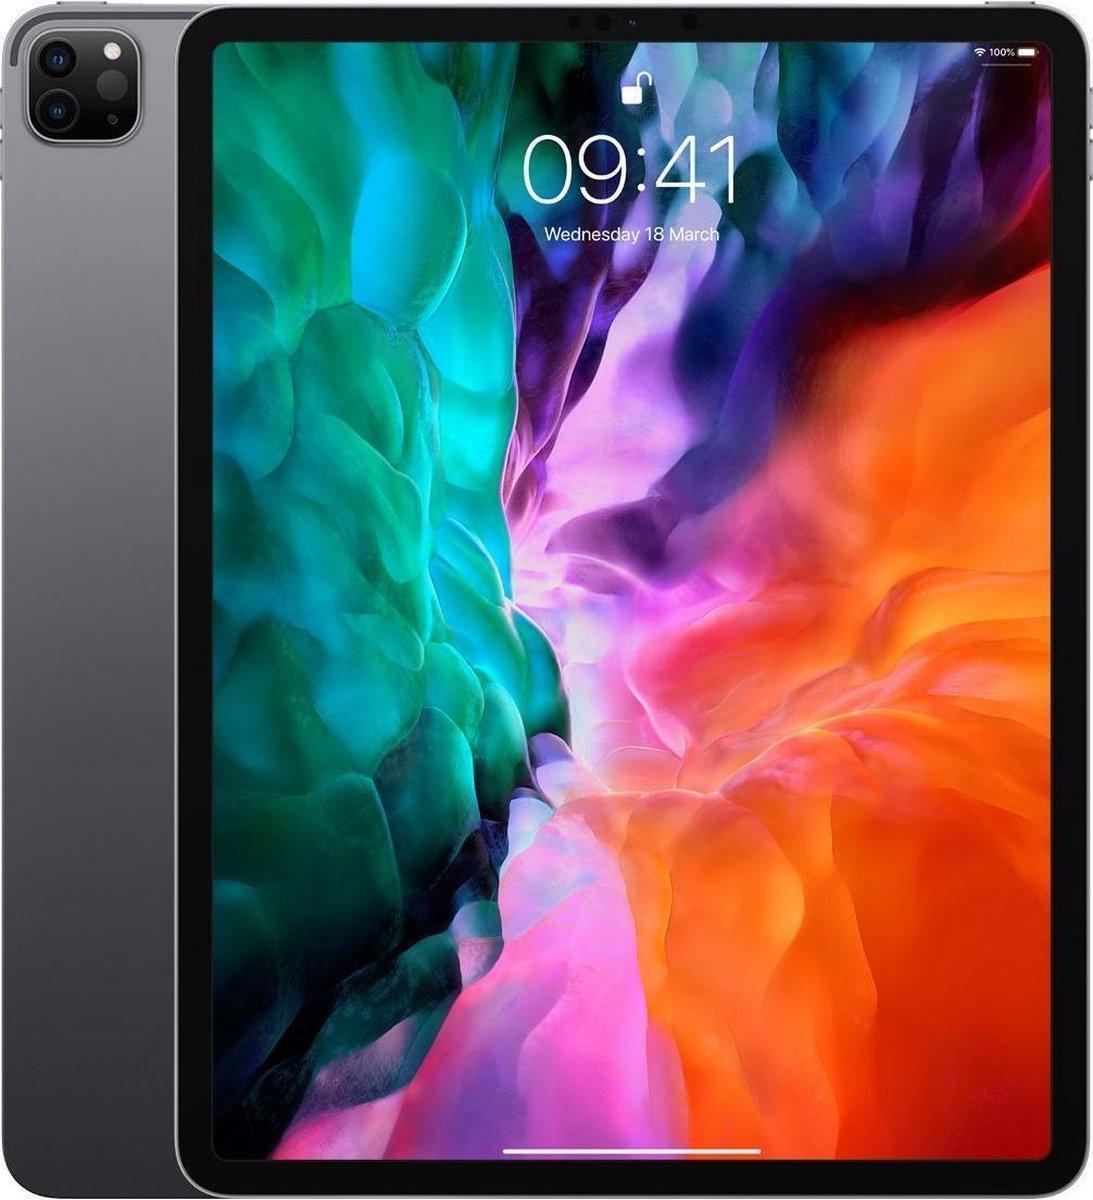 Apple iPad Pro (2020) refurbished door Adognicosto - A Grade (zo goed als nieuw) - 12.9 inch - WiFi - 256GB - Spacegrijs